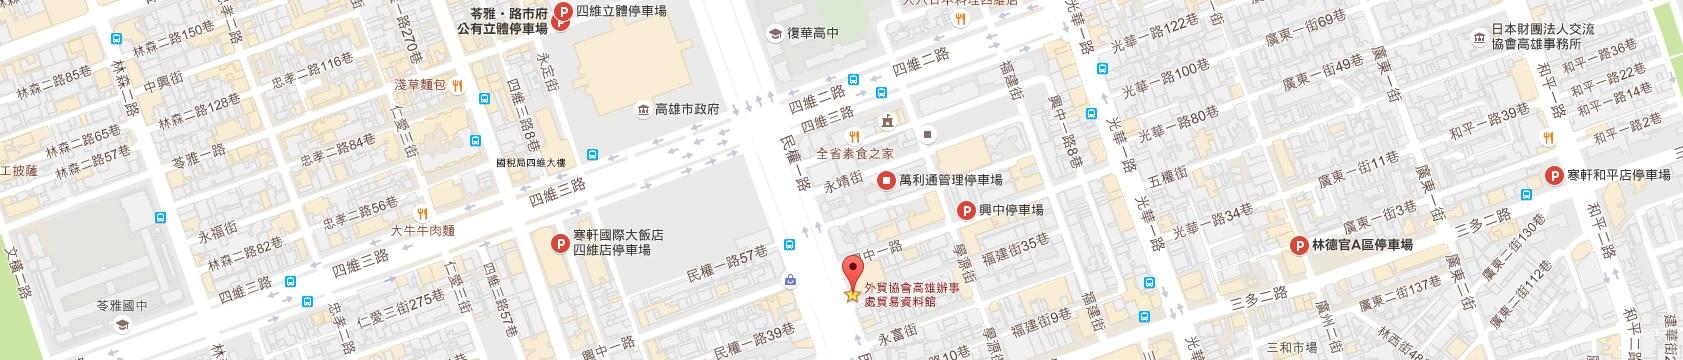 本處周邊停車場位置-googlemap